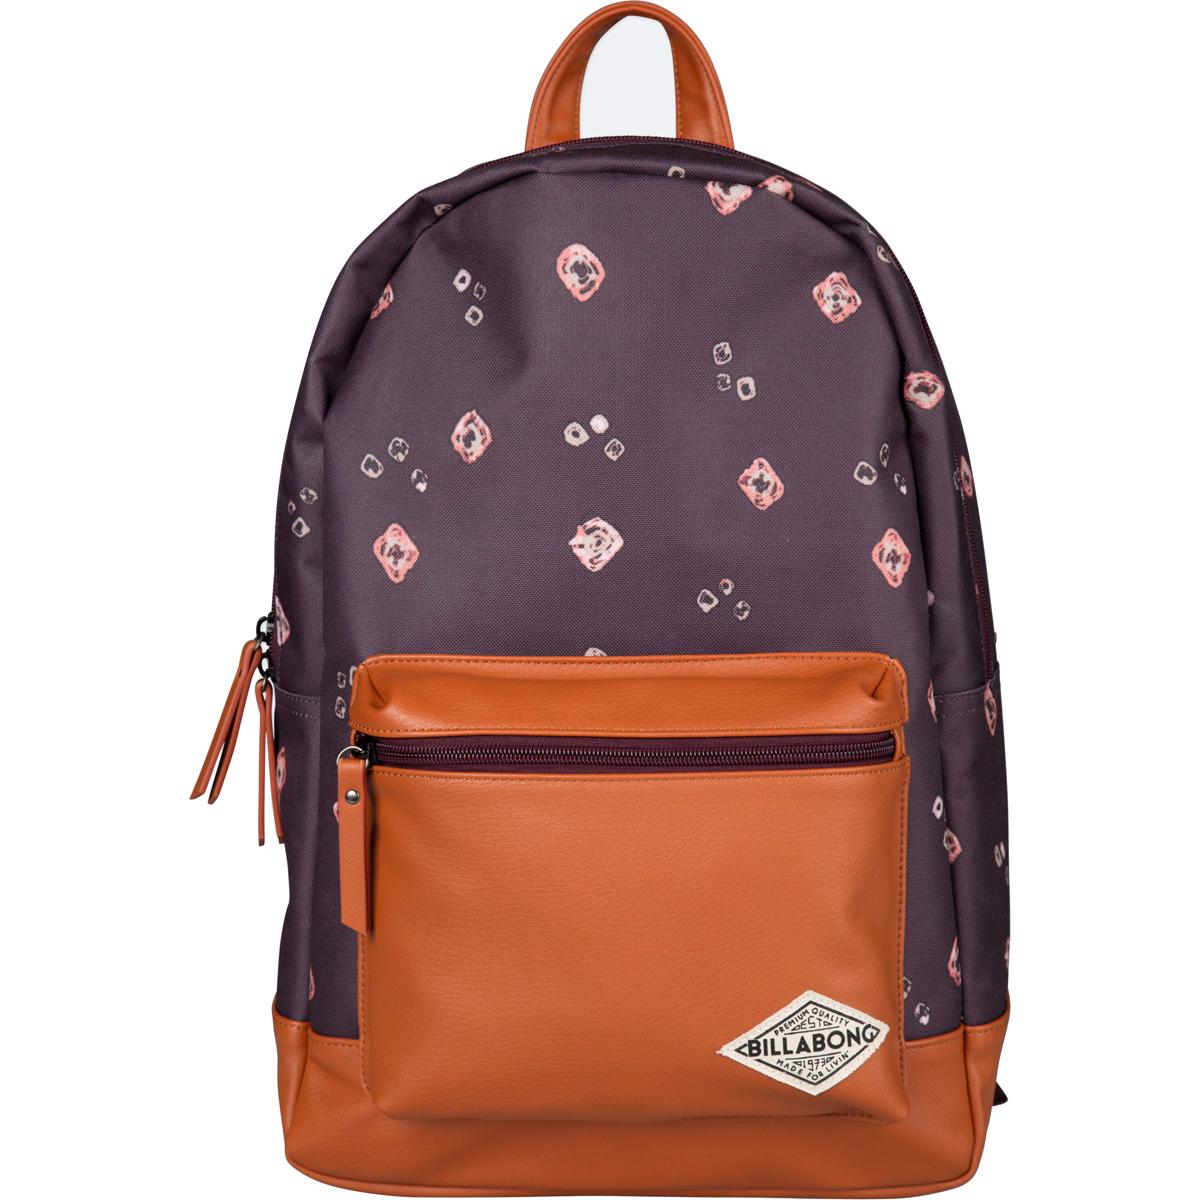 Рюкзак городской женский Billabong Personal, цвет: бордовый, 20 л. Z9BP036-7Практичный и вместительный женский рюкзак , готовый вписаться в Ваш стиль и вместить все Ваши вещи, необходимые для учебы, работы или просто прогулок по городу.